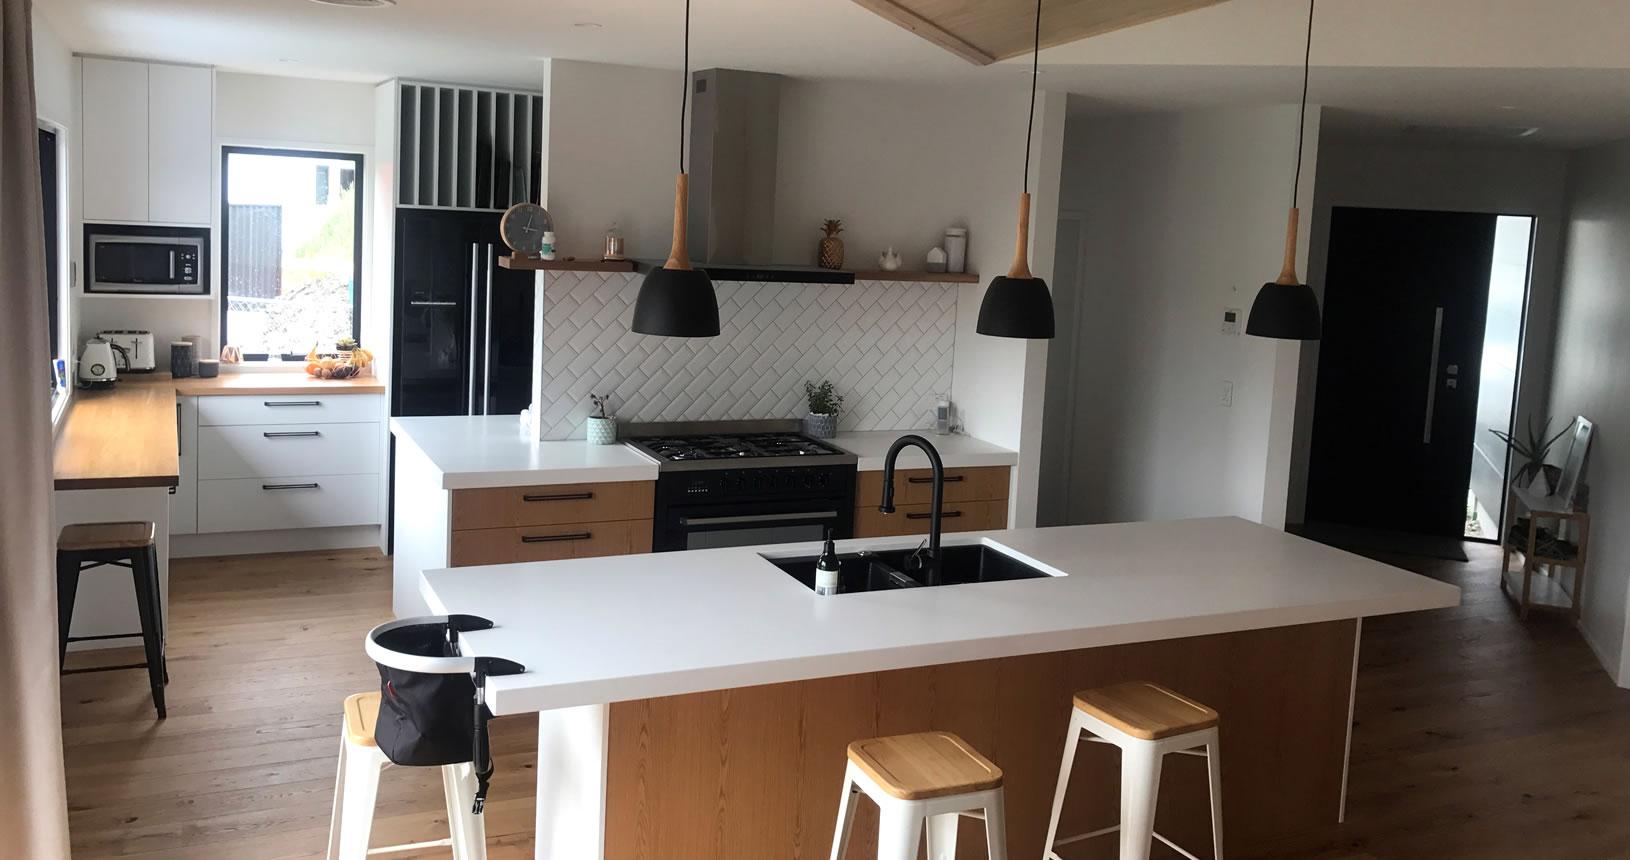 kitchens Direct - Wanaka, Otago